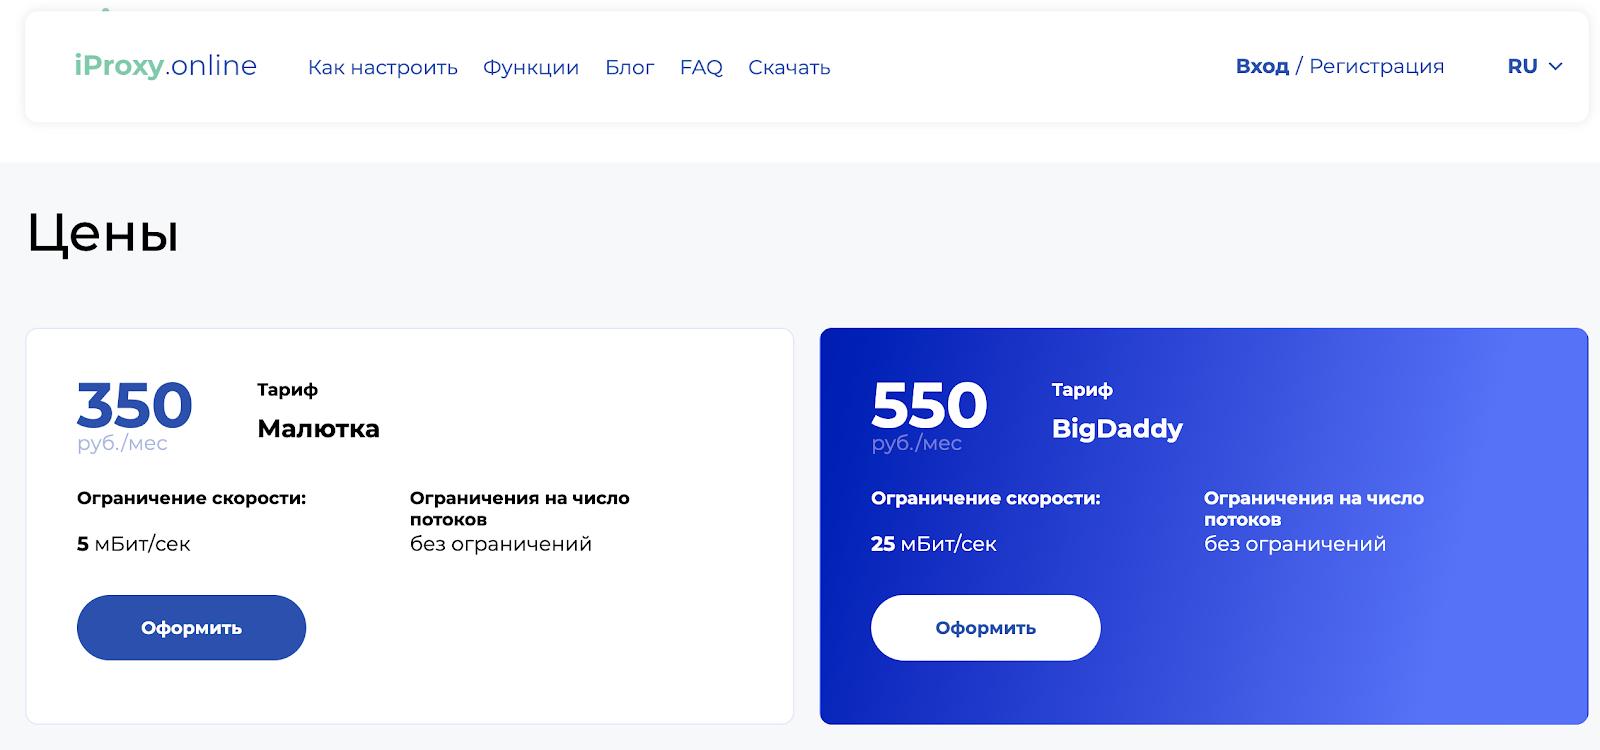 Стоимость iproxy.online